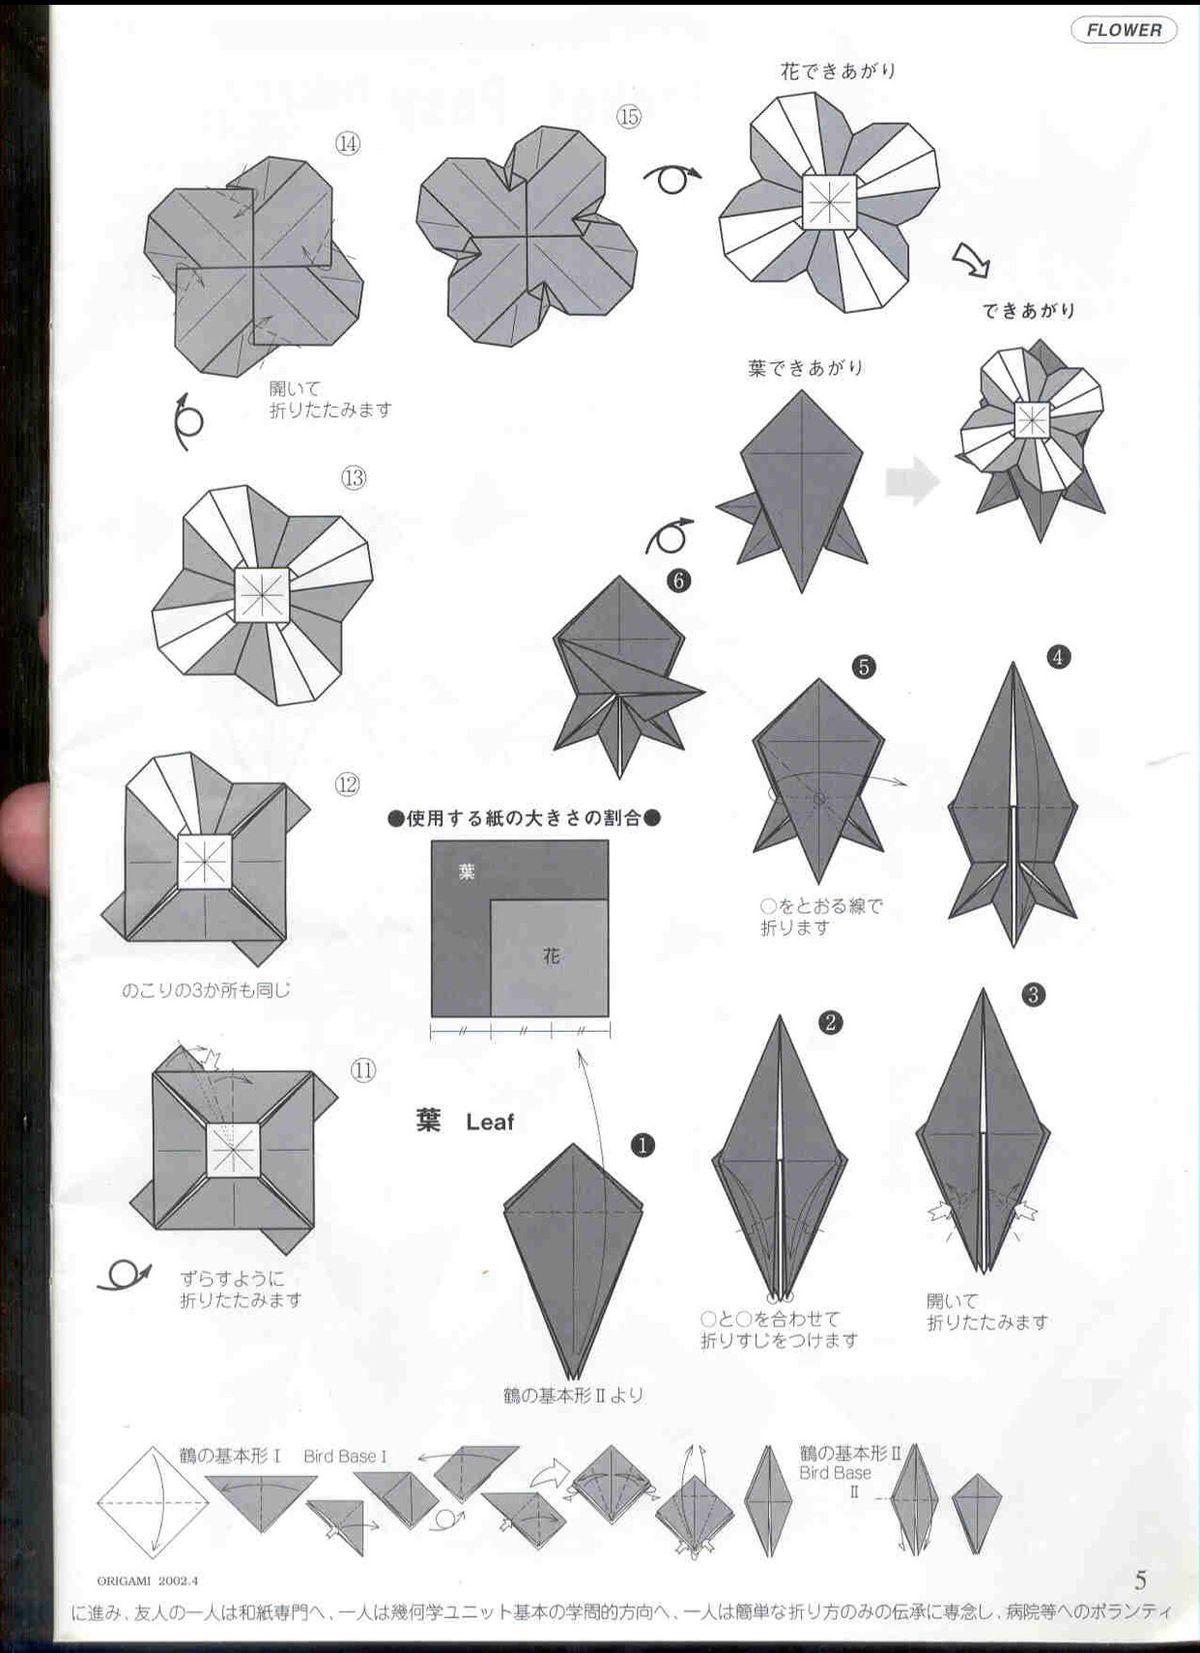 3129b6a78f2dbf1fae06c42d79592d7bg 12001653 Pixels Origami